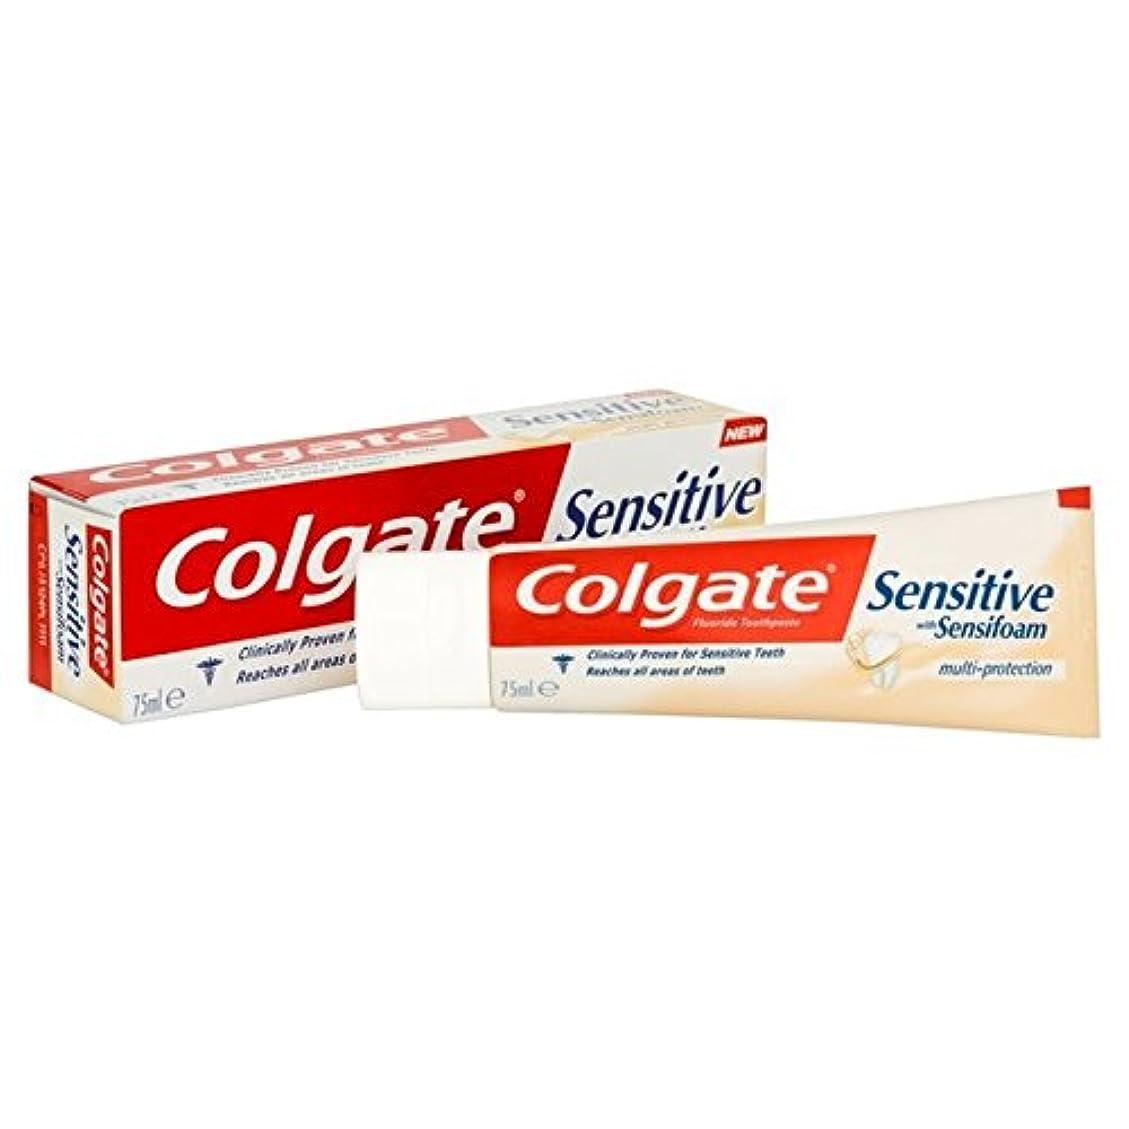 シュリンクかわすバイバイColgate Sensitive Foam Multi Protect Toothpaste 75ml - コルゲート敏感な泡は、マルチ歯磨き粉75ミリリットルを保護します [並行輸入品]